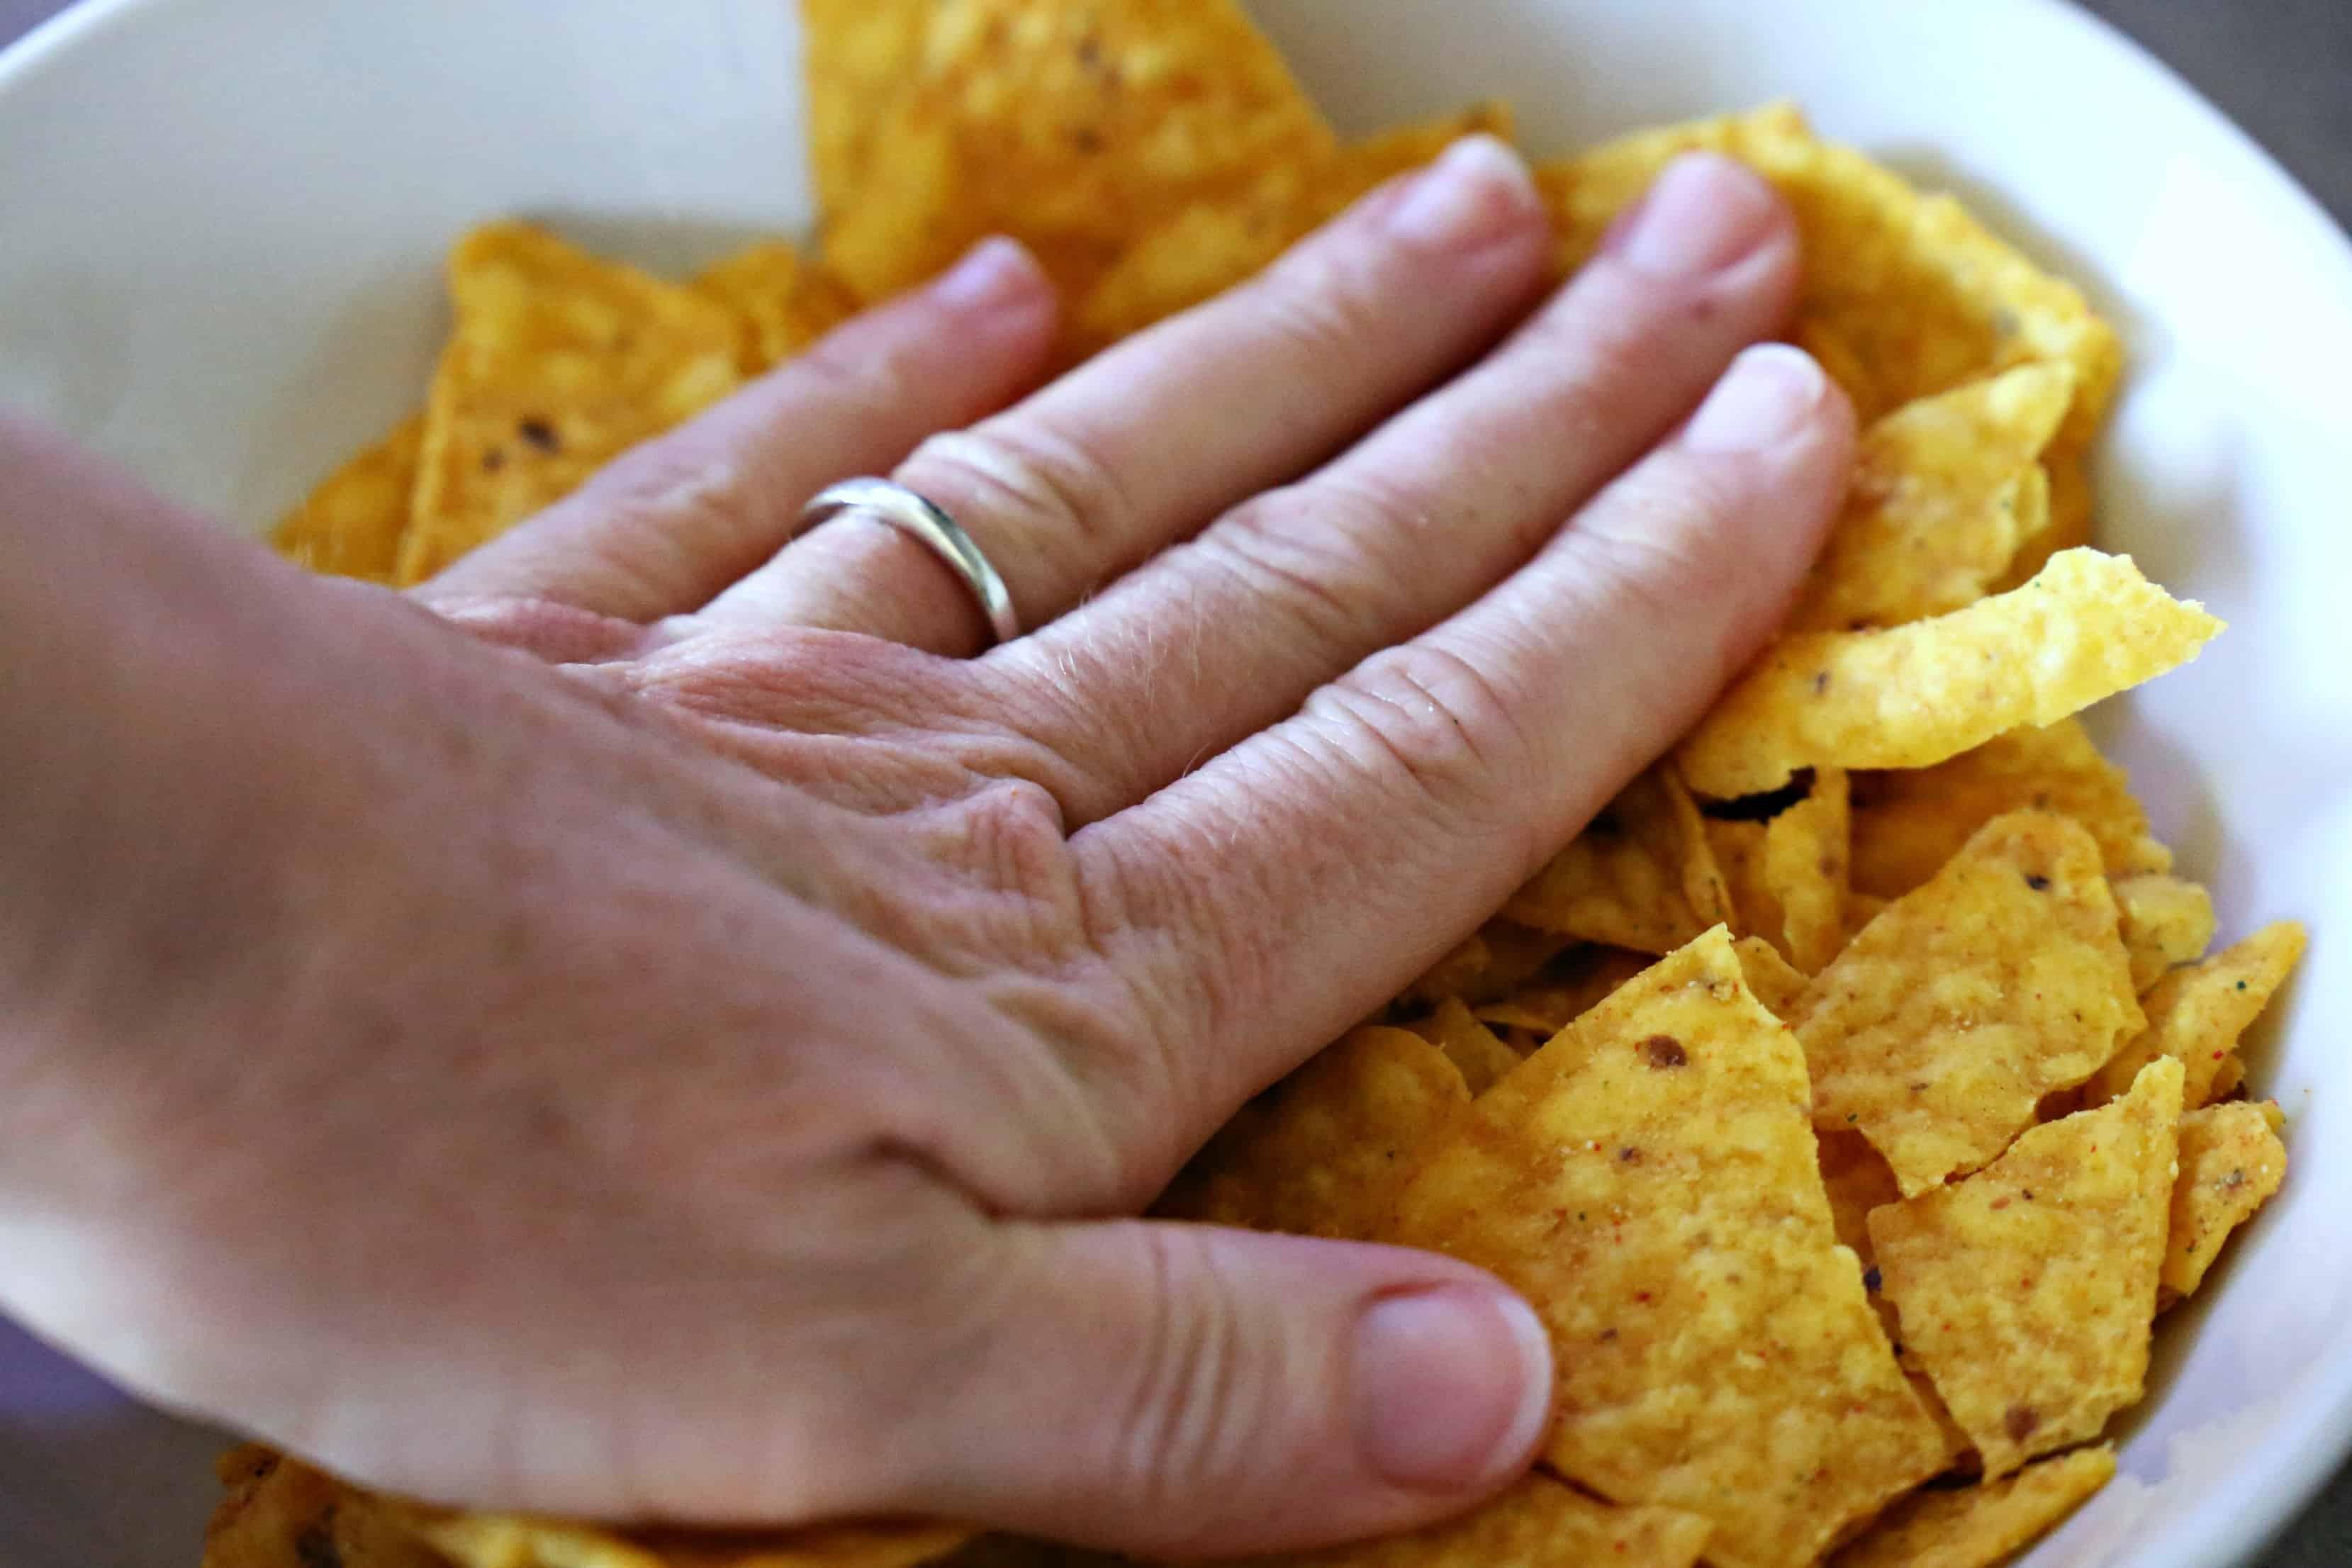 Crushing Doritos for yummy taco salad